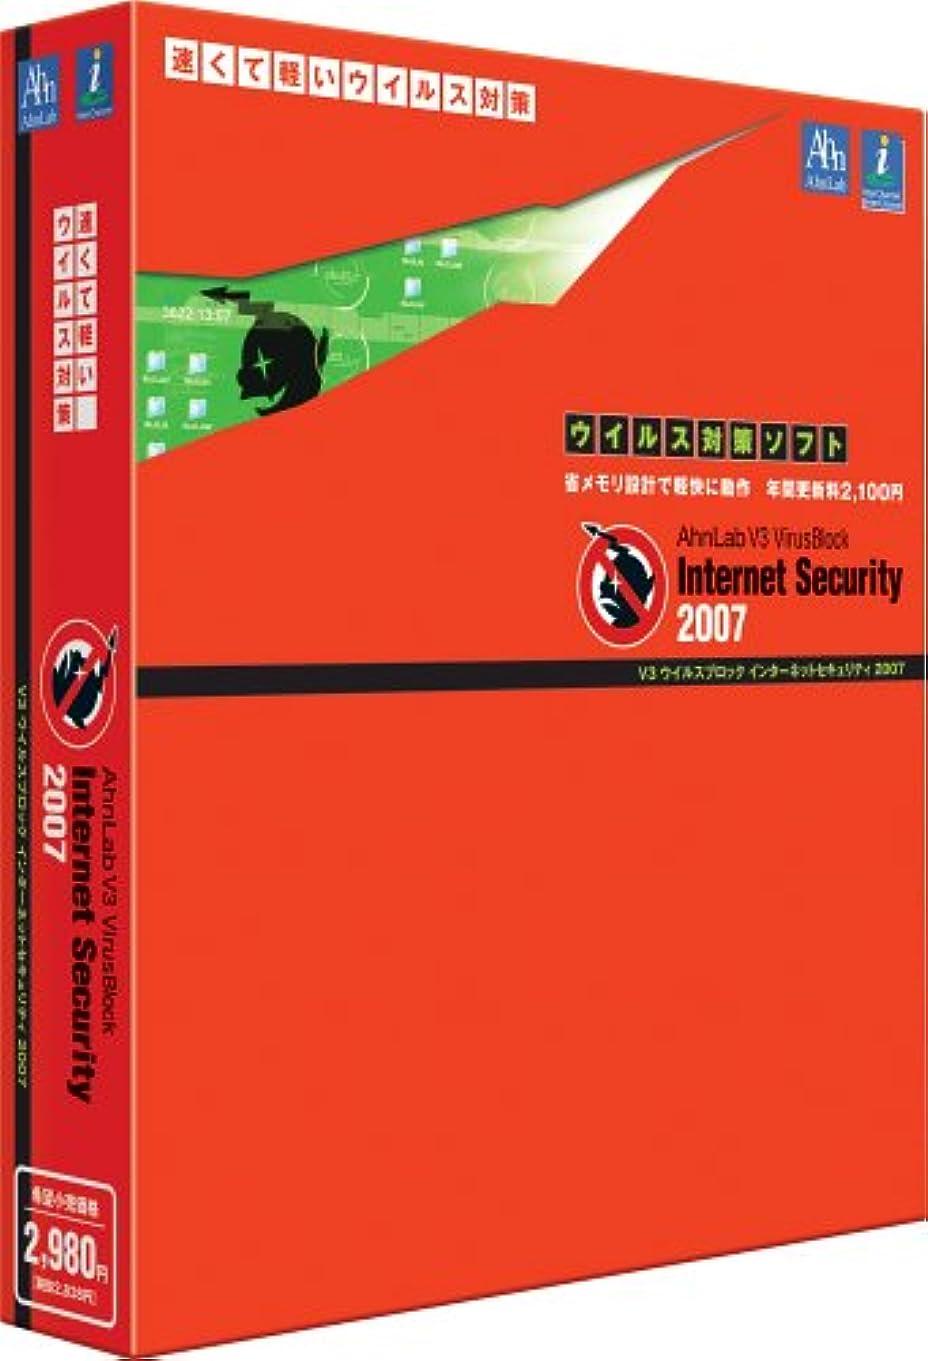 識字太字振り向くV3 ウイルスブロック インターネットセキュリティ 2007